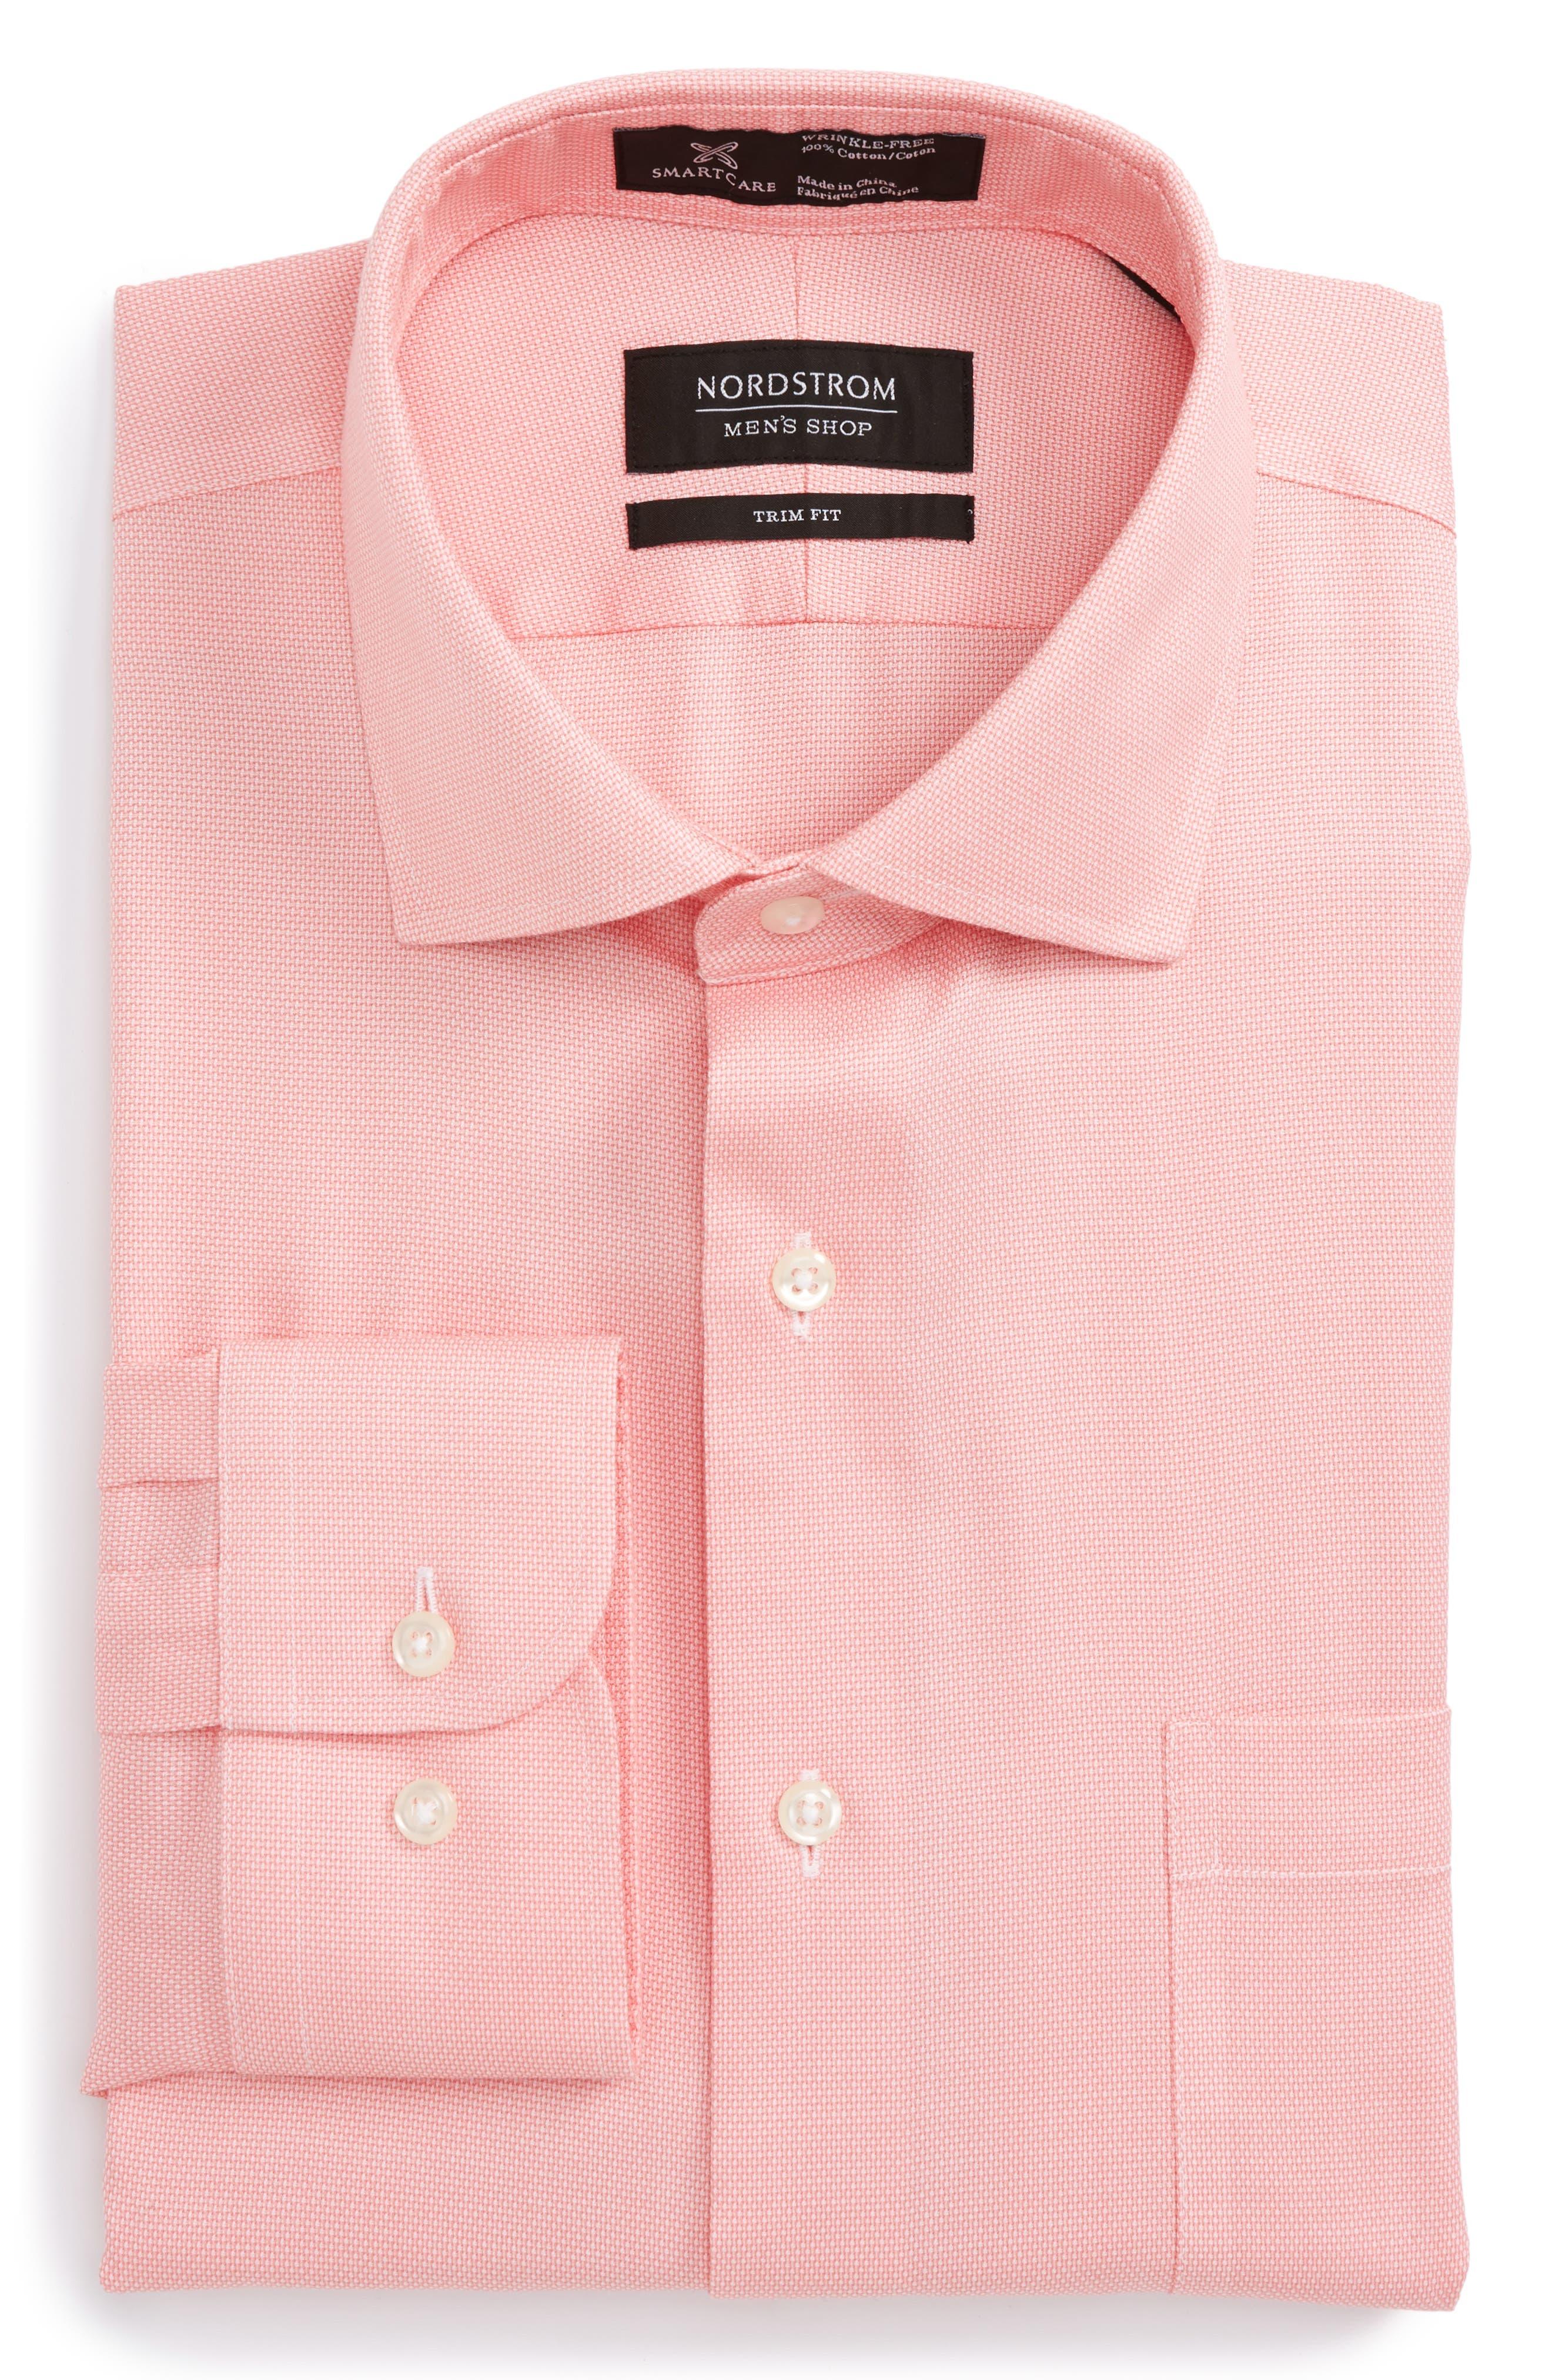 Main Image - Nordstrom Men's Shop Smartcare™ Trim Fit Oxford Dress Shirt